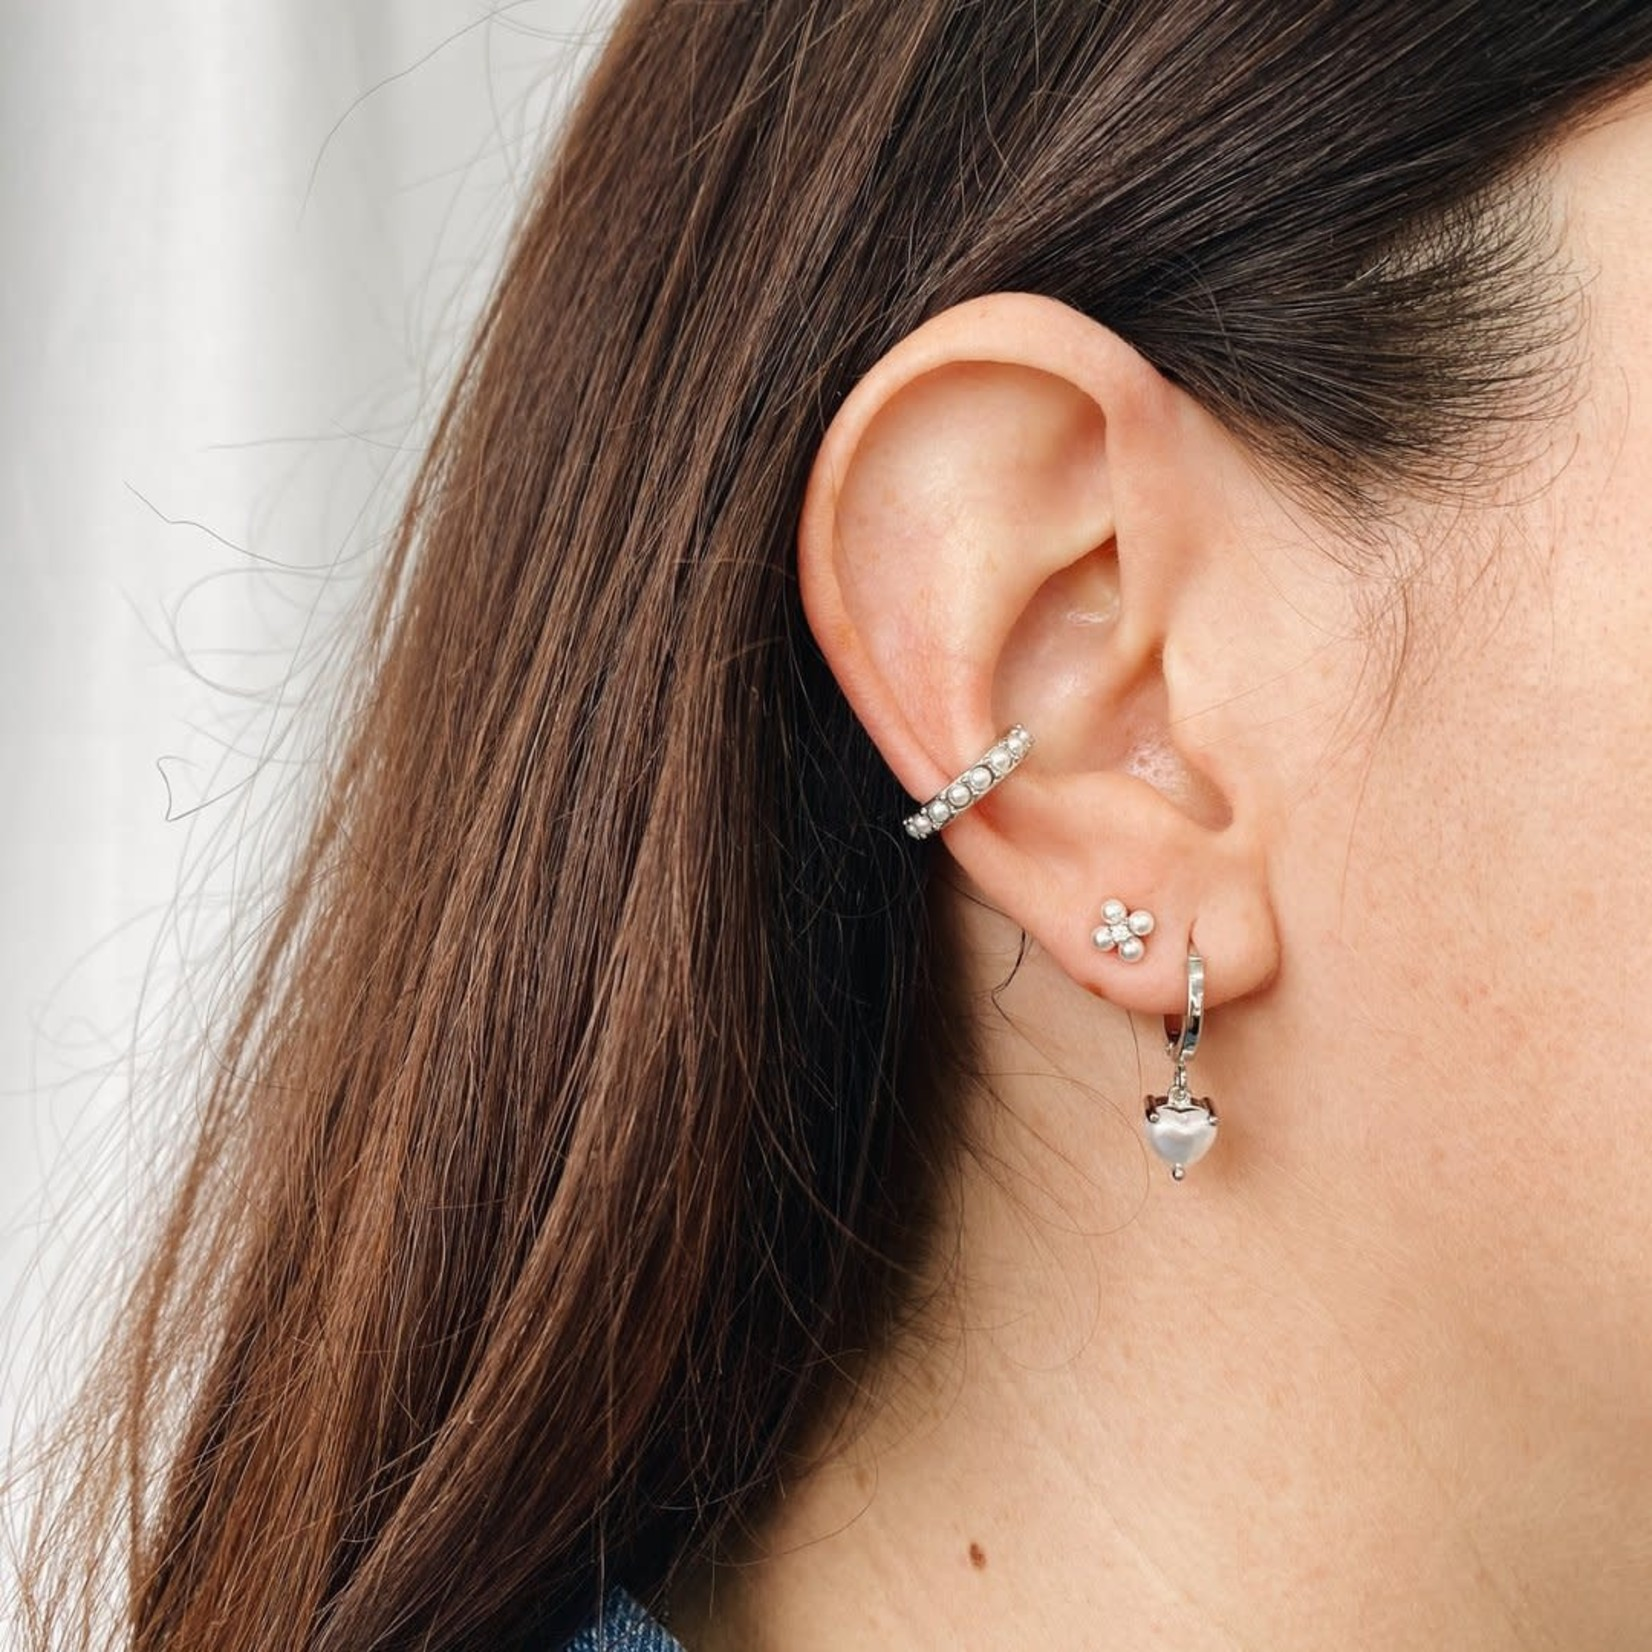 Horace Jewelry Horace boucles d'oreilles LOWA